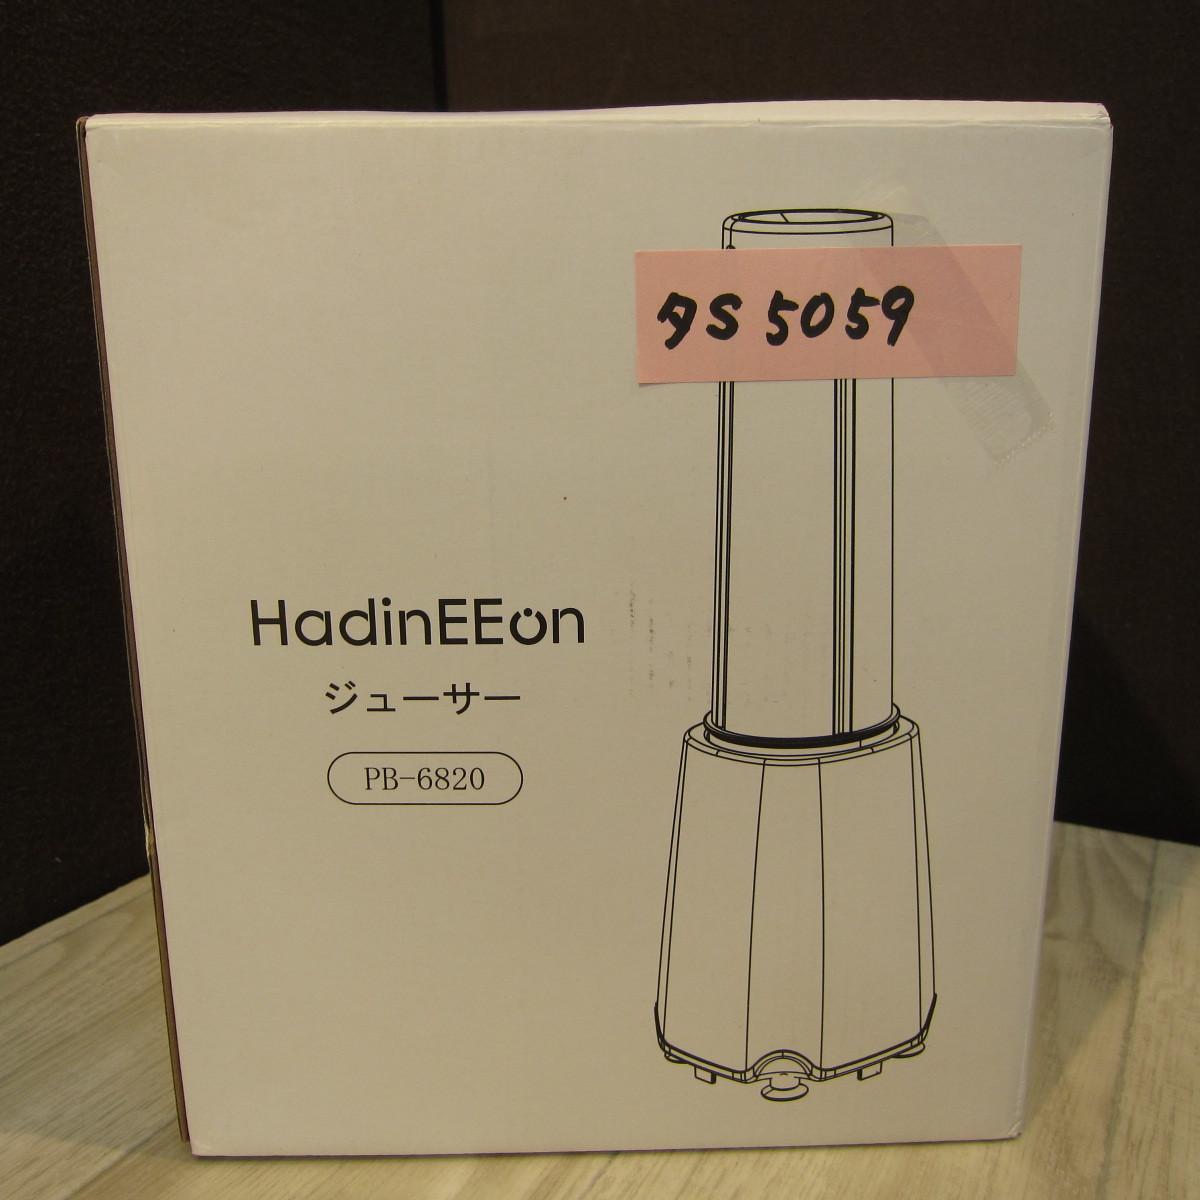 S5059【未使用】HadinEEon ジューサー ミキサー ボトルミキサー 200Wハイパワー 氷も砕ける ジューサー アウトドア/オフィスなどに向け